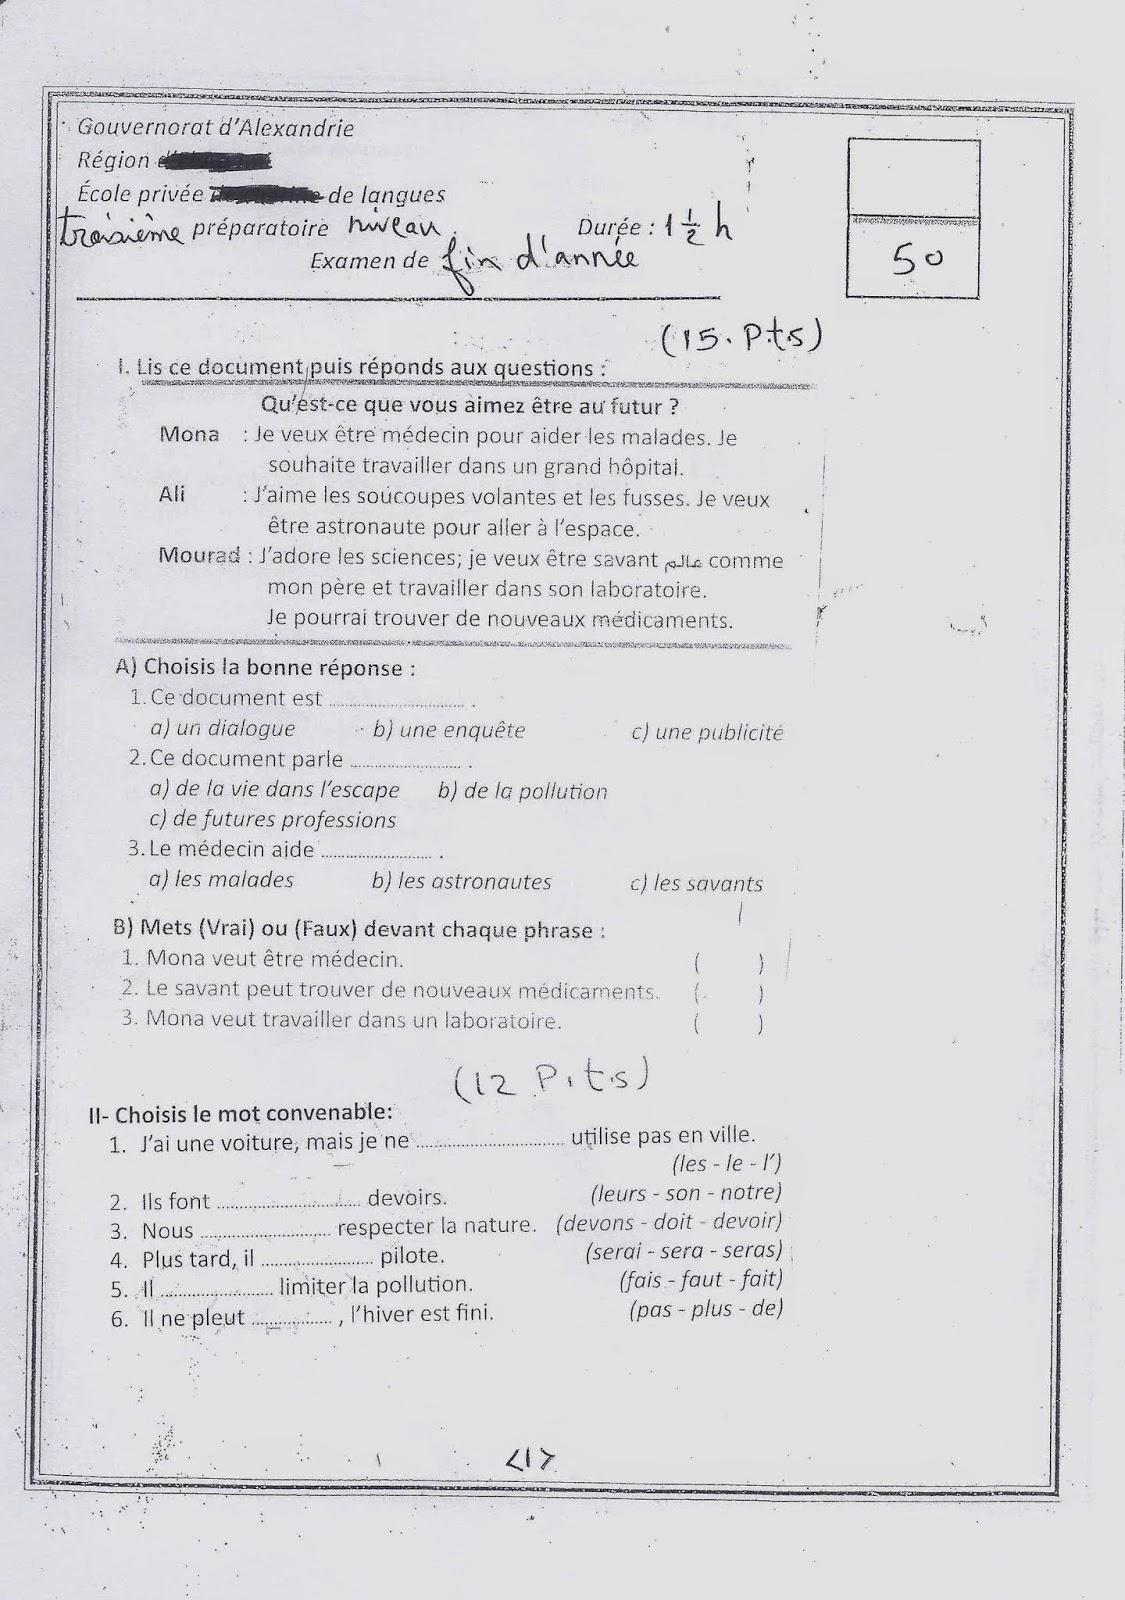 تجميع كل امتحانات اللغة الفرنسية للصفوف الابتدائية والاعدادية (مدارس اللغات والتجريبية) الترم الثانى 2015 - صفحة 2 Scan0053